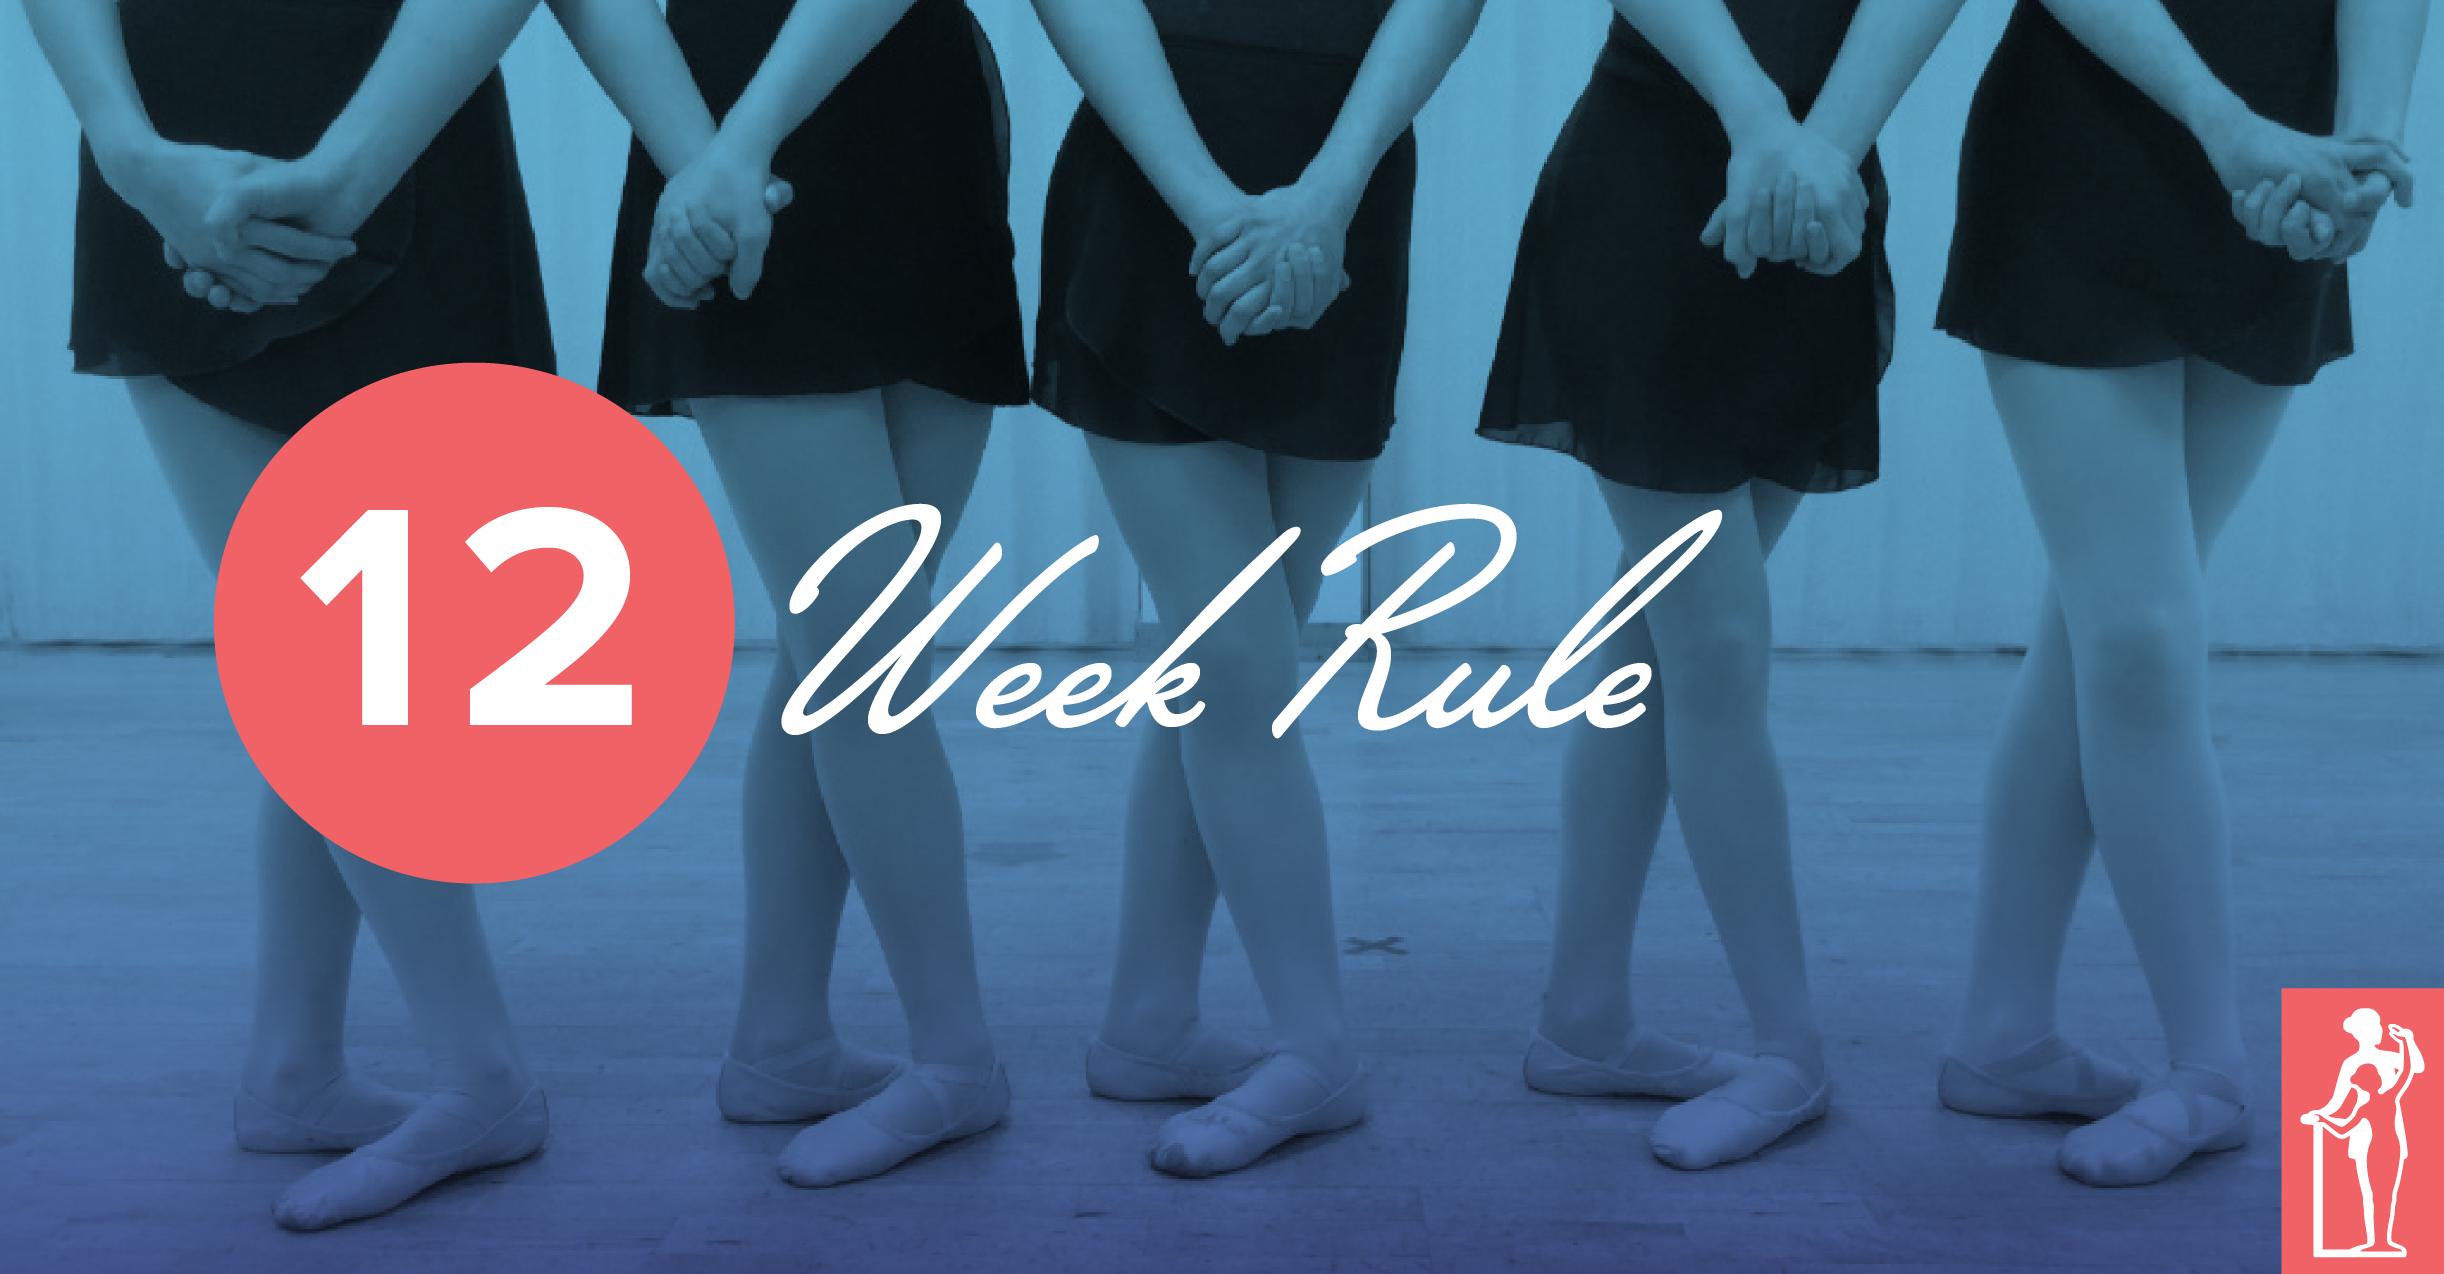 12 Week Rule